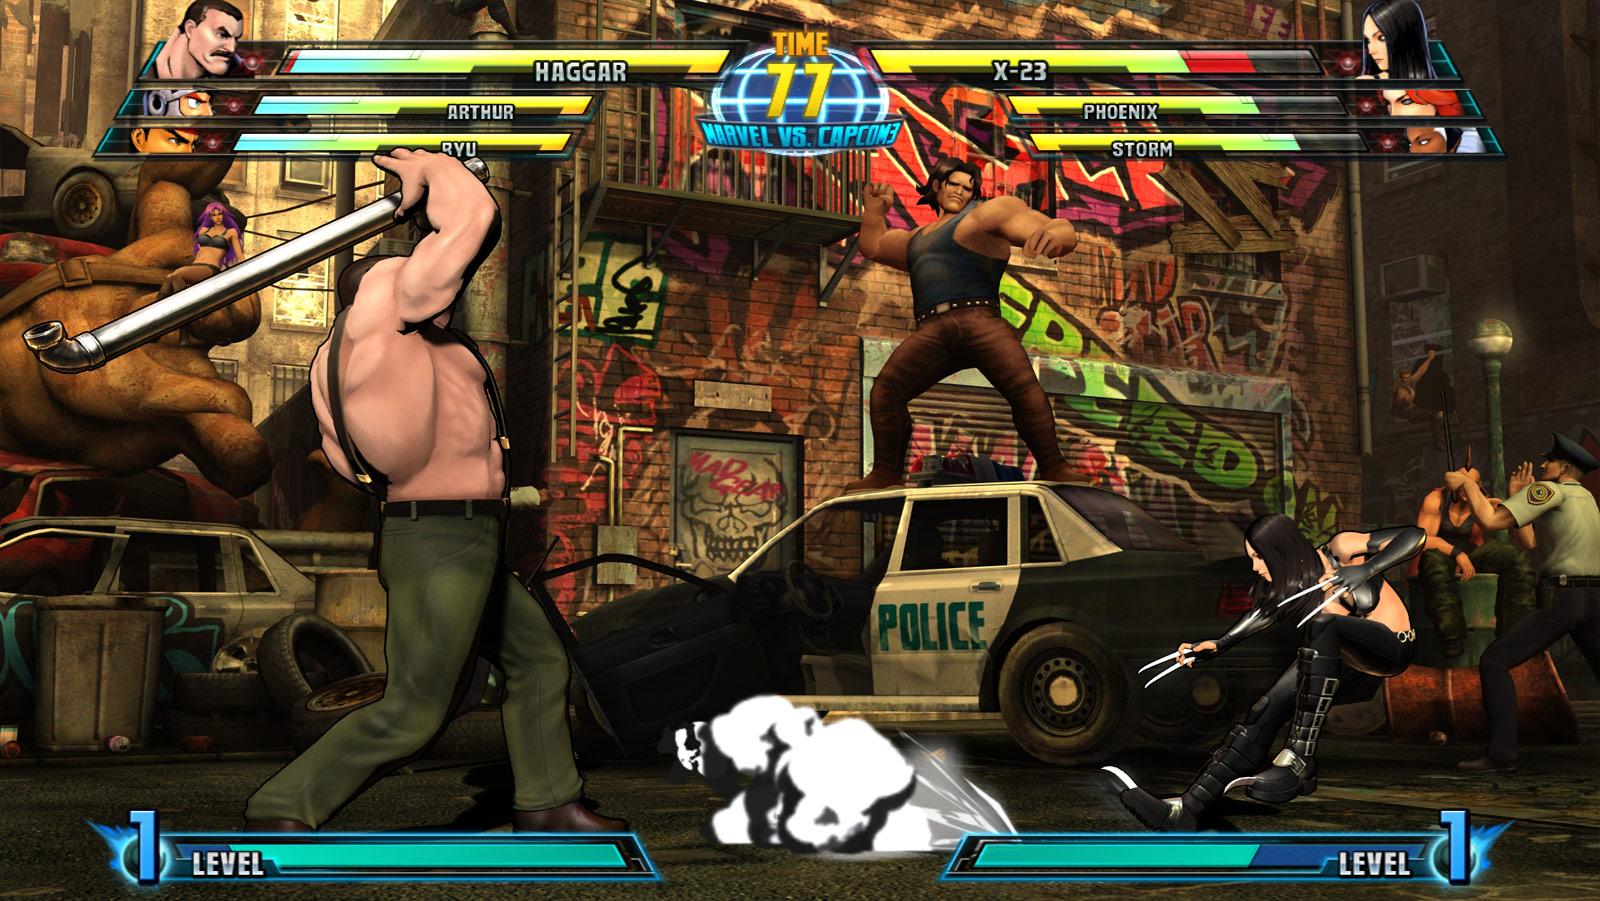 Phoenix and Haggar screen shots for Marvel vs. Capcom 3 #5